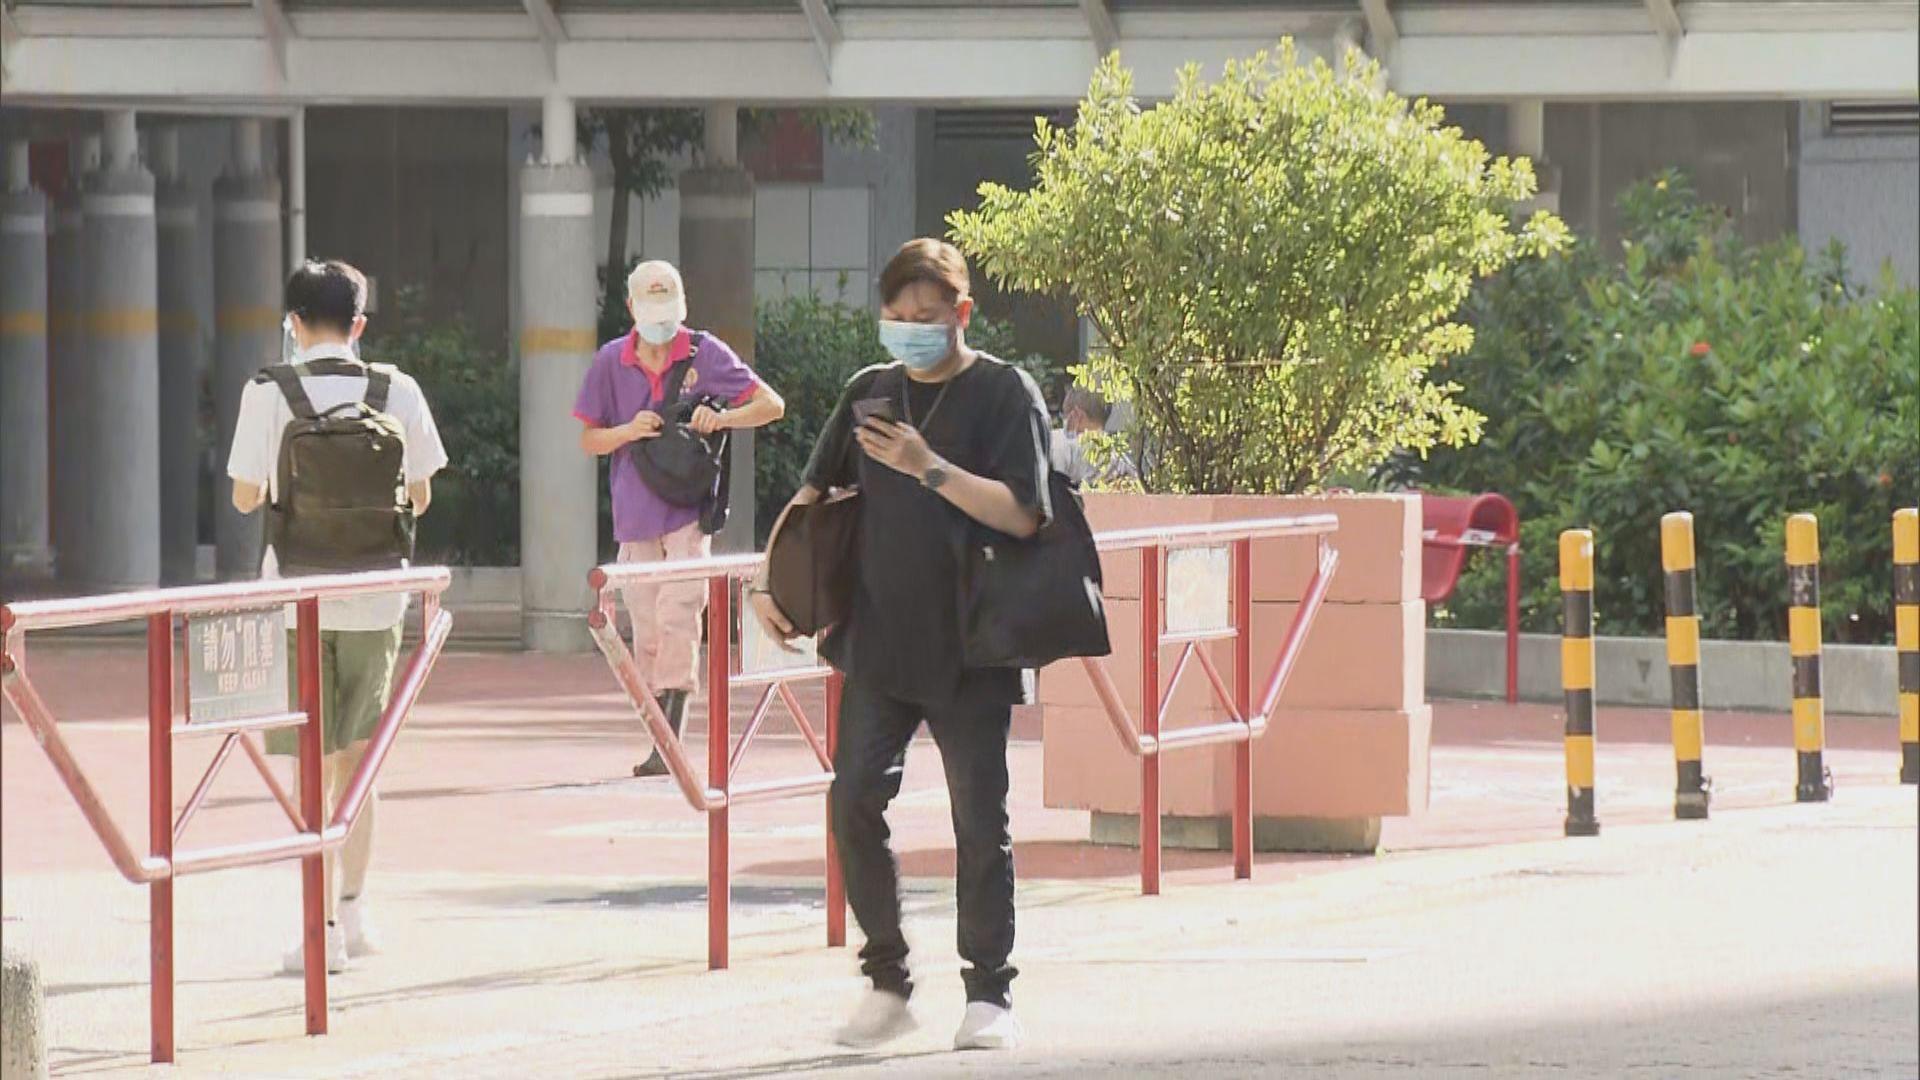 政府周二起安排慈雲山多條屋邨居民接受病毒檢測 料兩周內完成